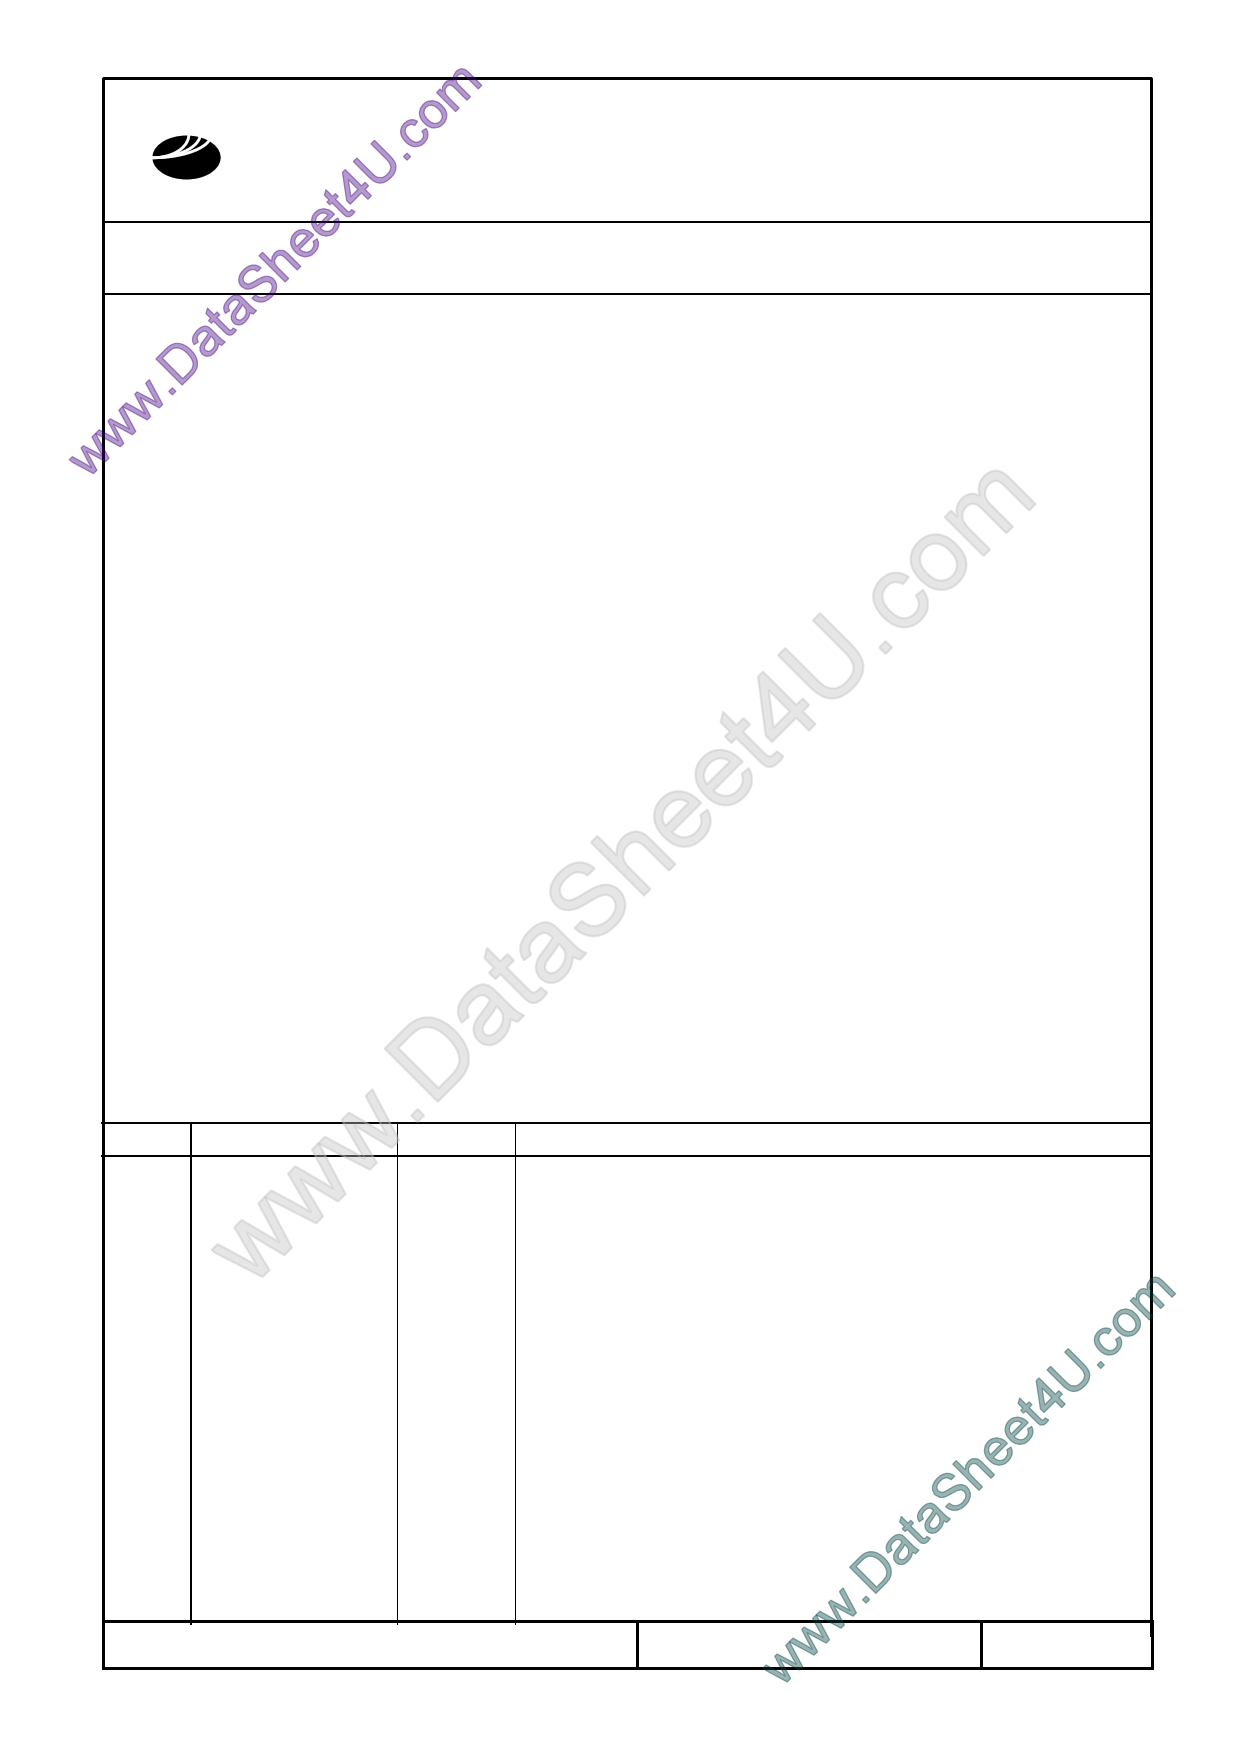 T-51410D104_FW_P_AA دیتاشیت PDF